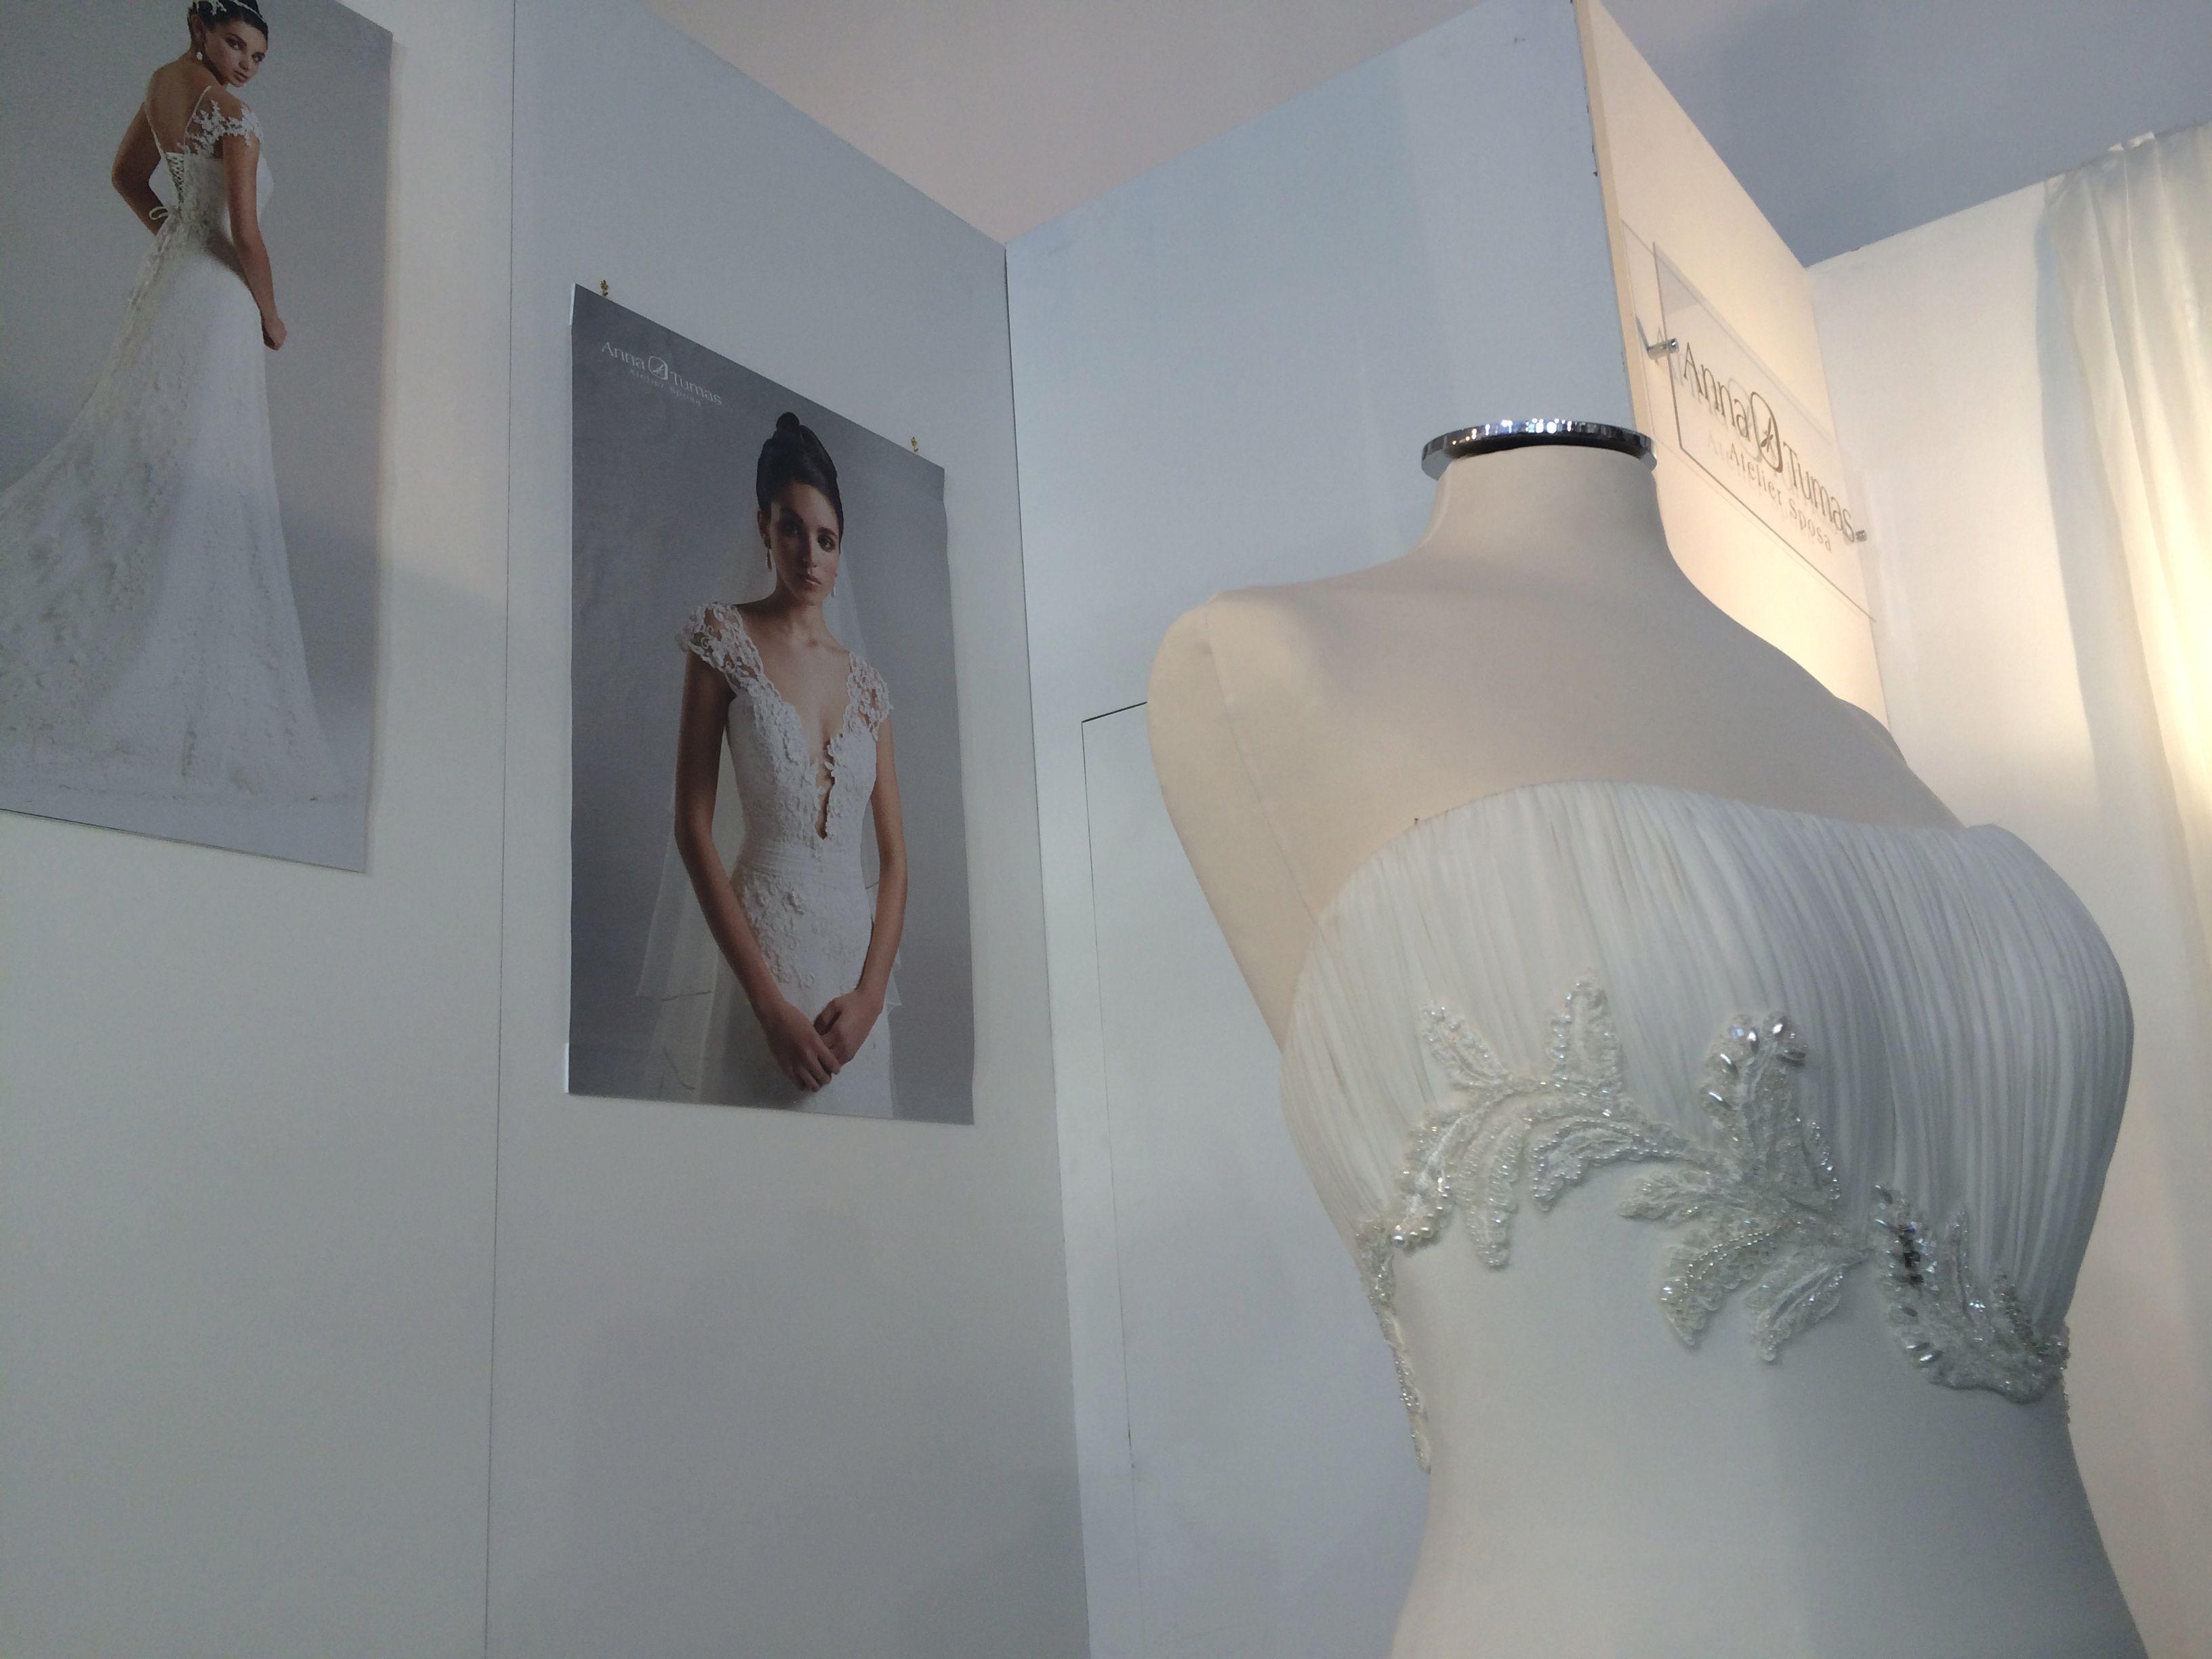 #weddingdress #eventinRome  Stand e abiti #AnnaTumas presso Anteprima #RomaSposa2014 - Palazzo dei Congressi